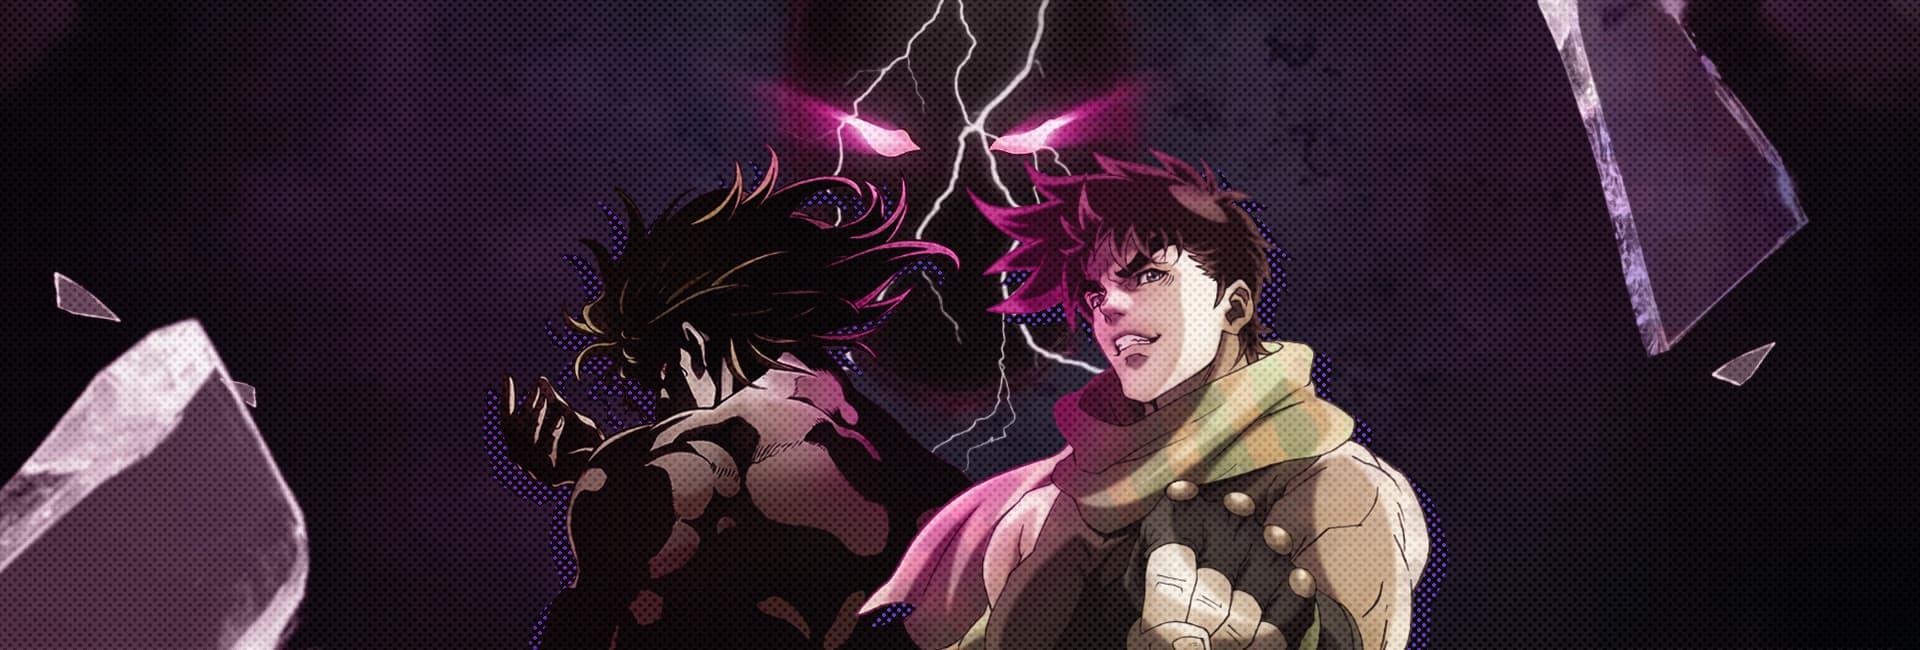 Protagonista Jojo e o vilão Dio brando